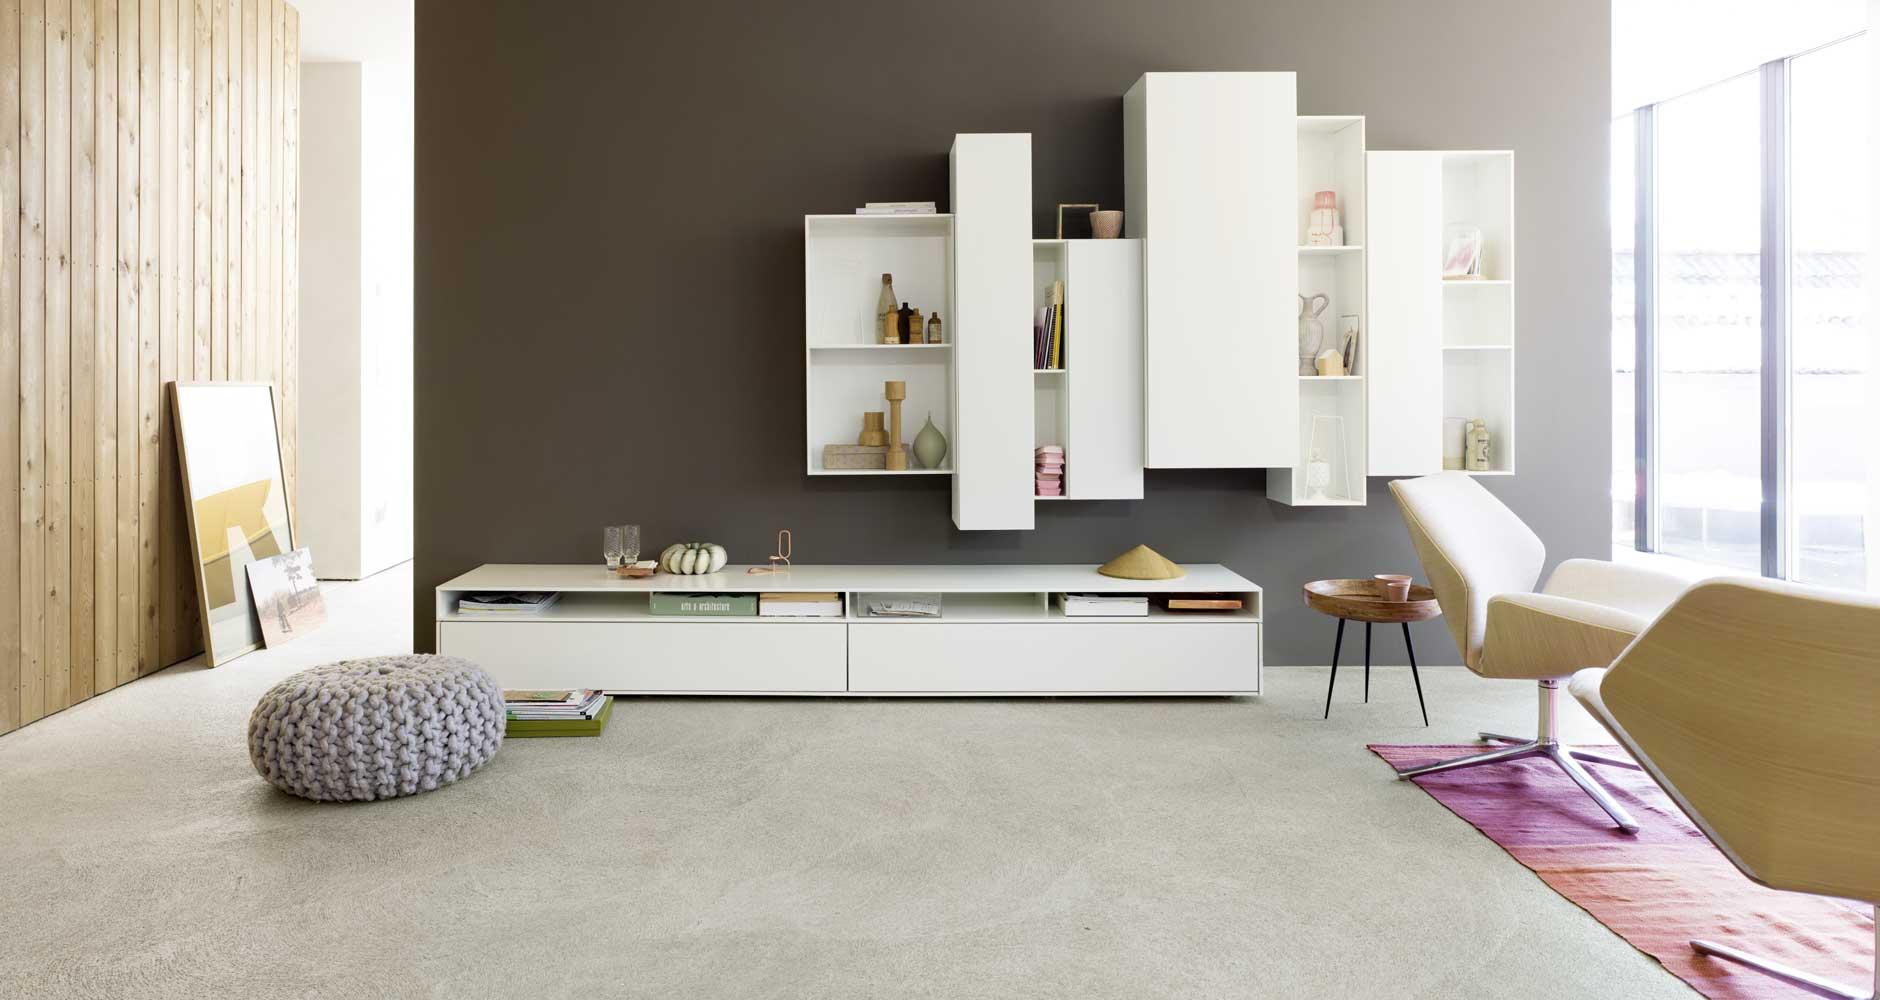 Wohnzimmer von Interlübke